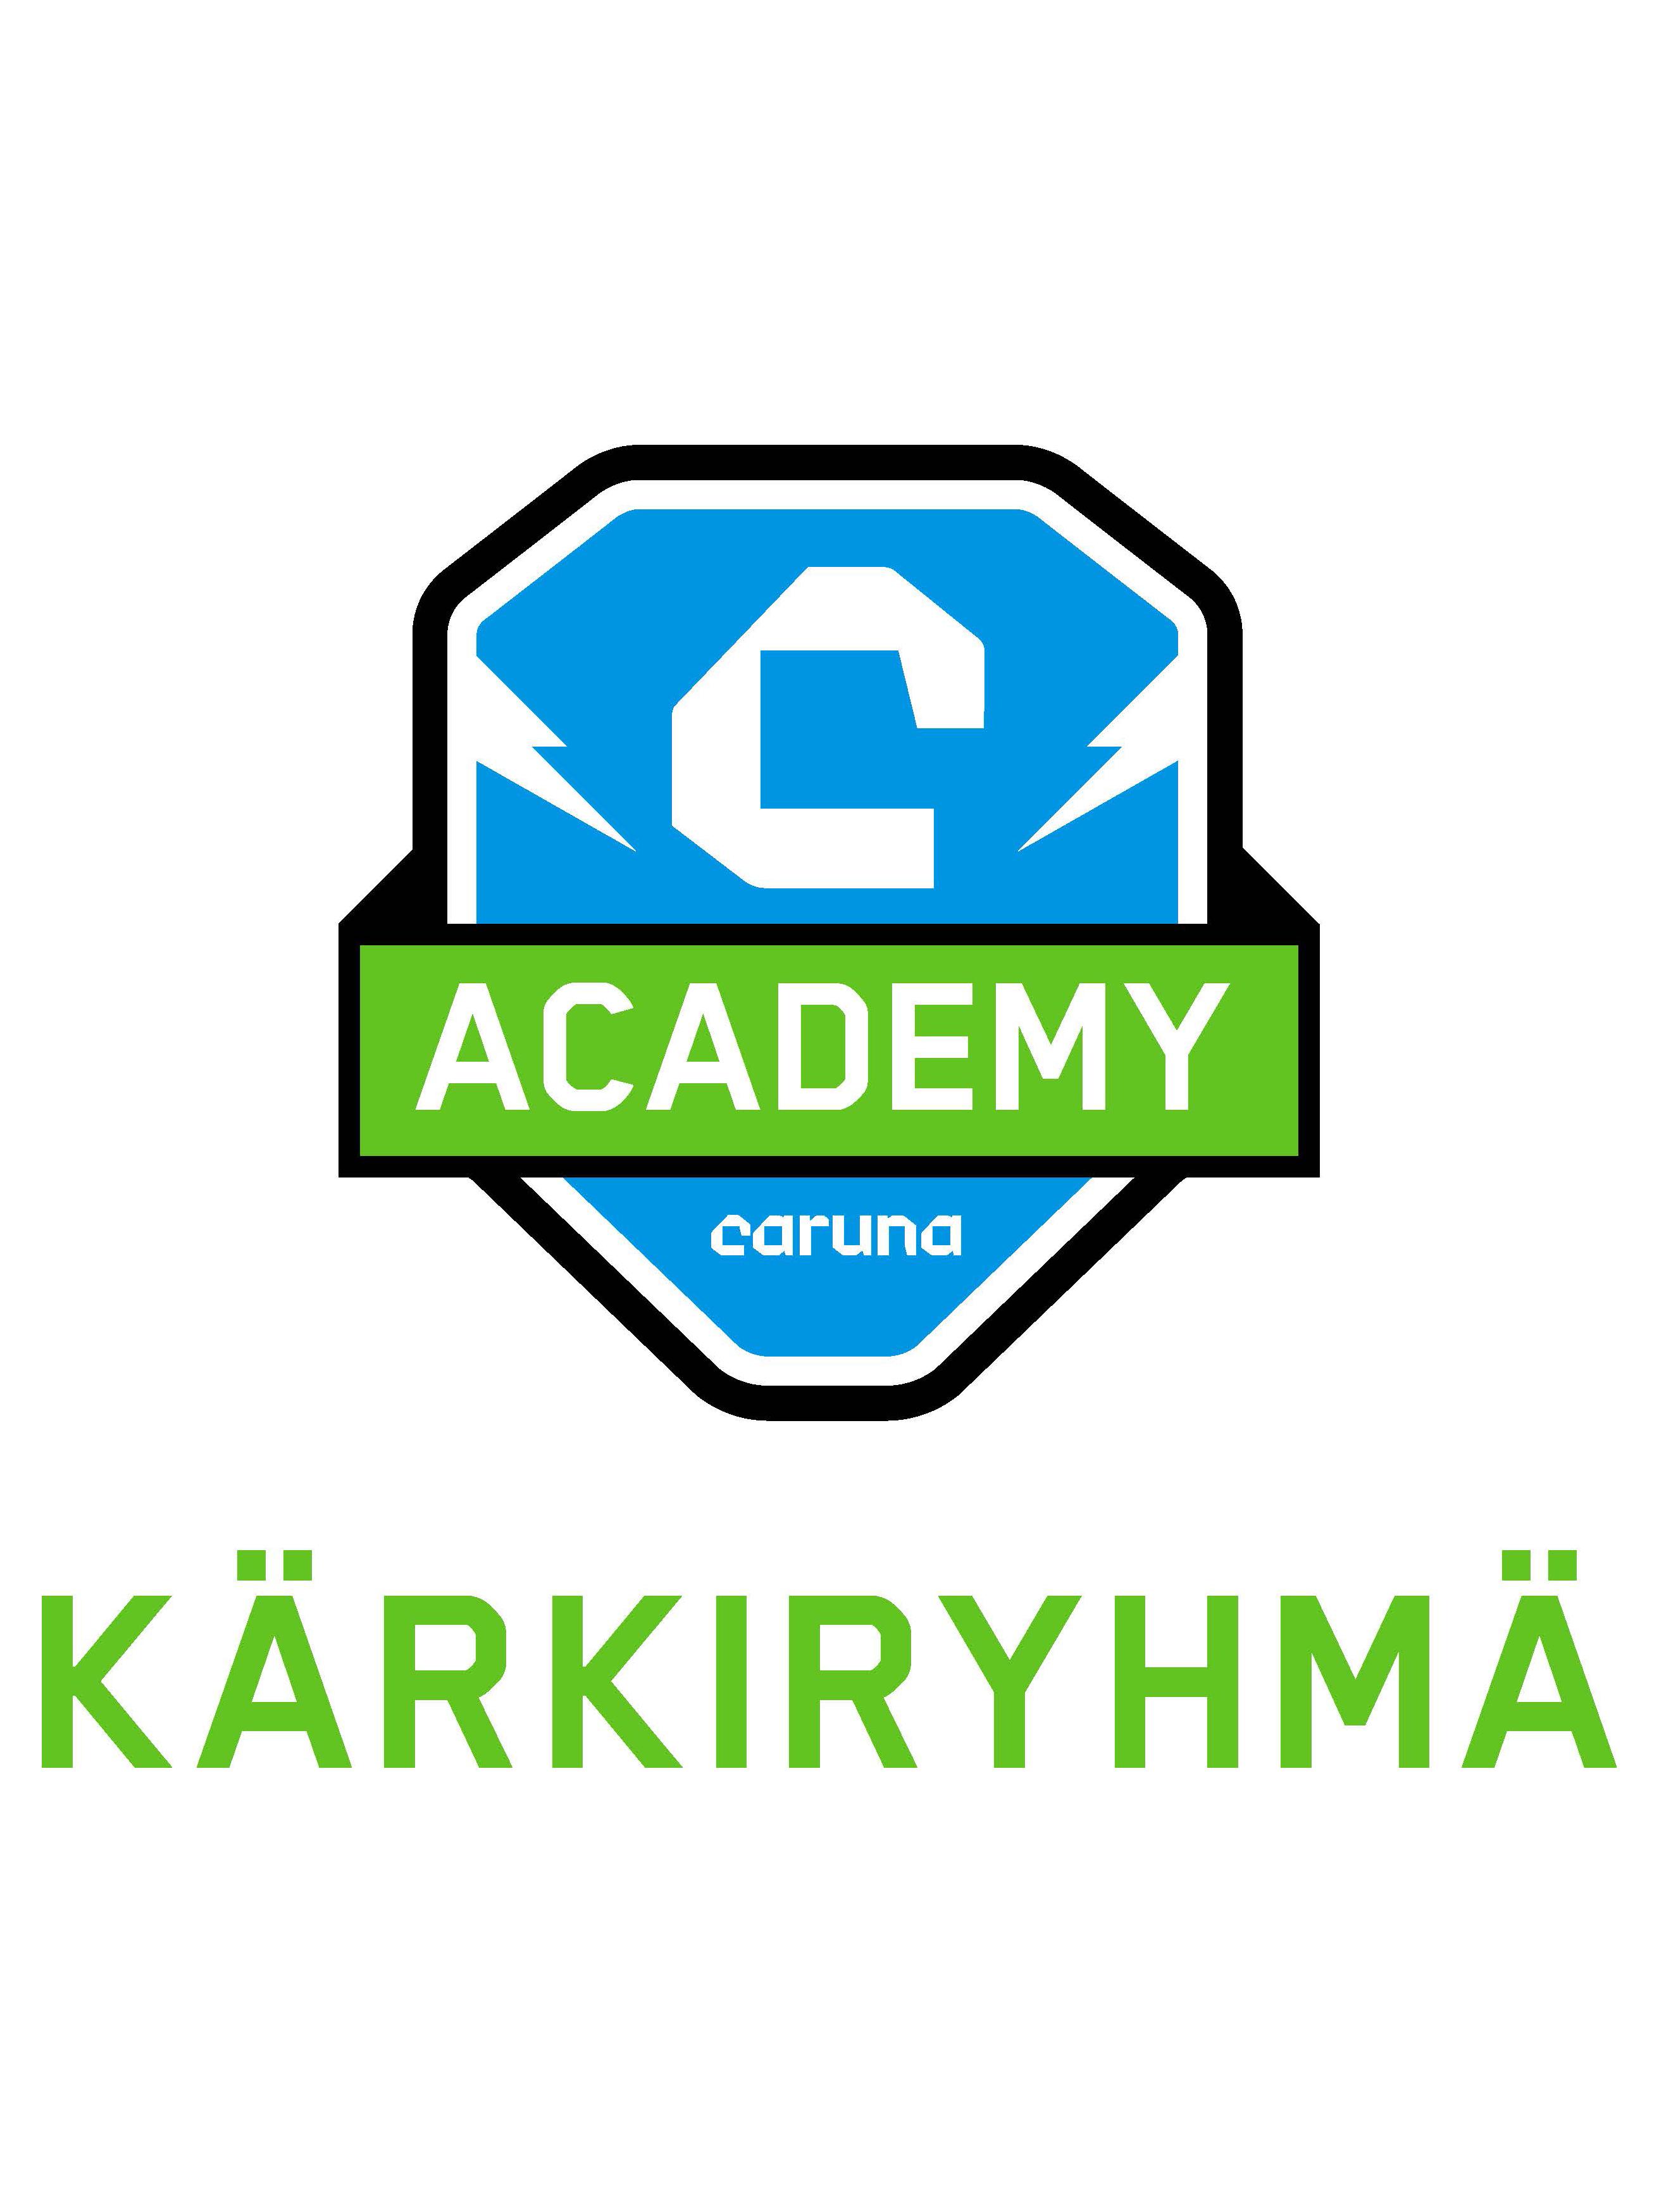 Caruna_Academy_karkiryhma